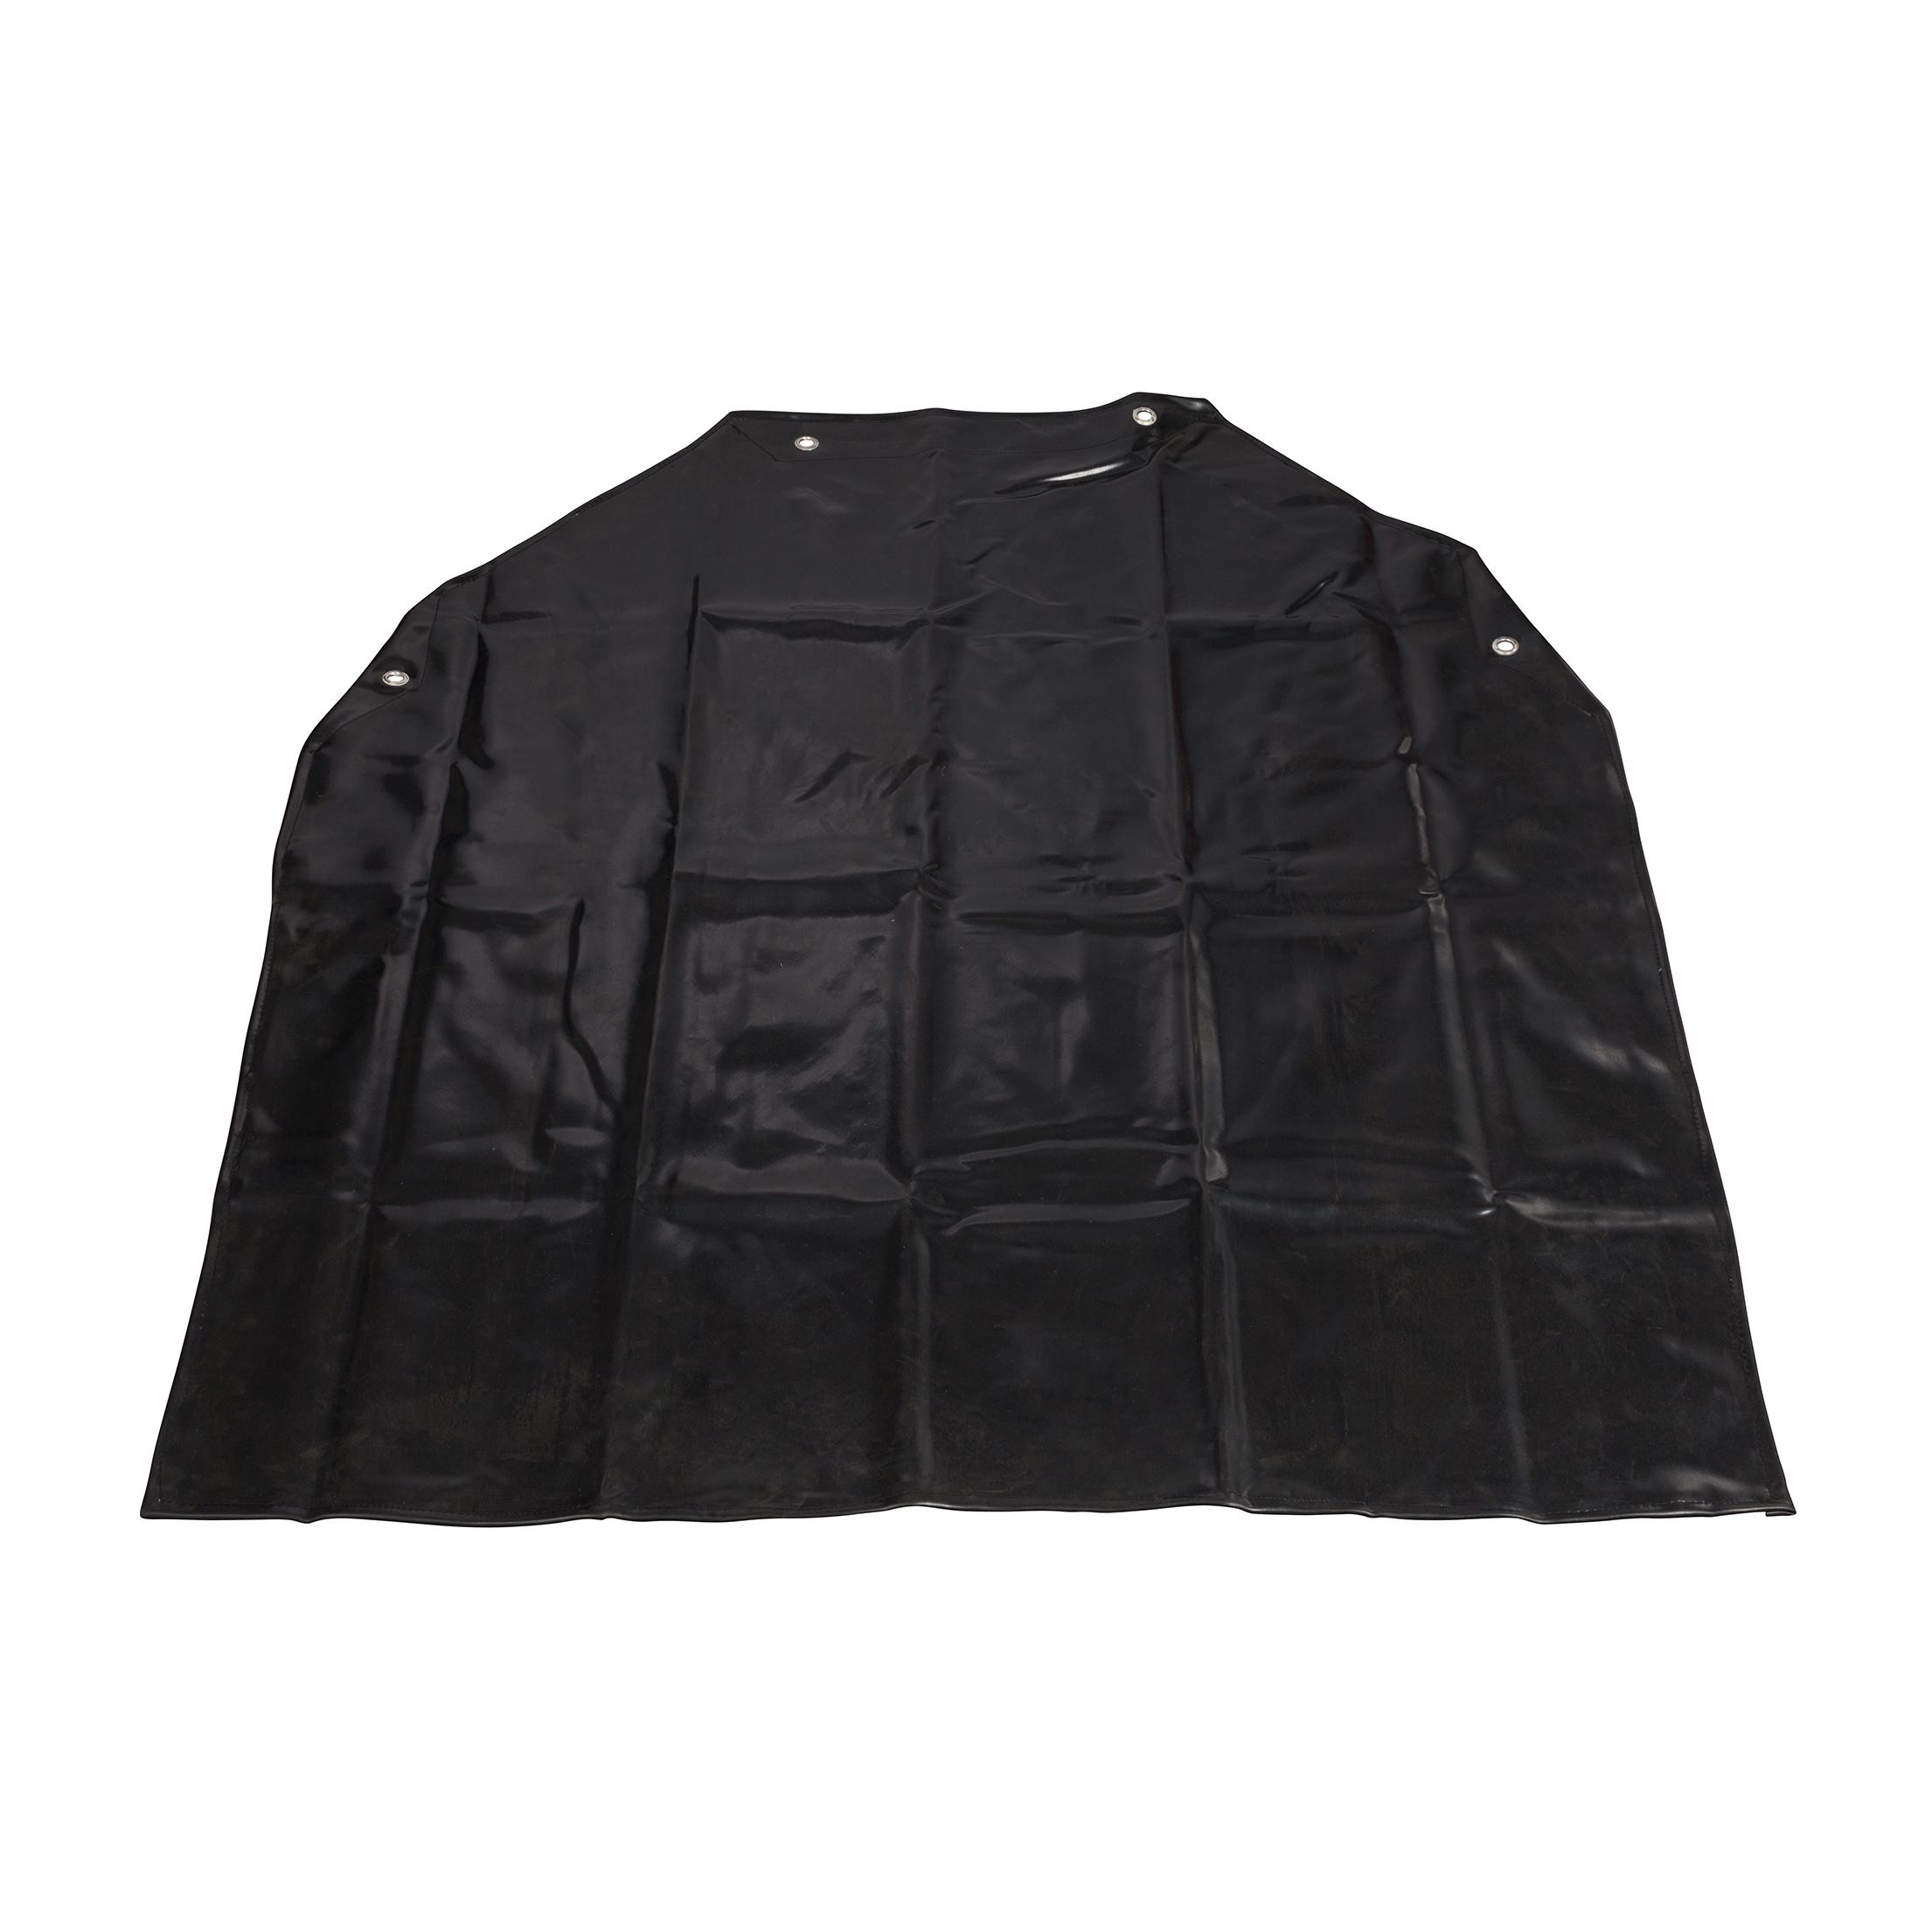 Winco BA-LA bib apron